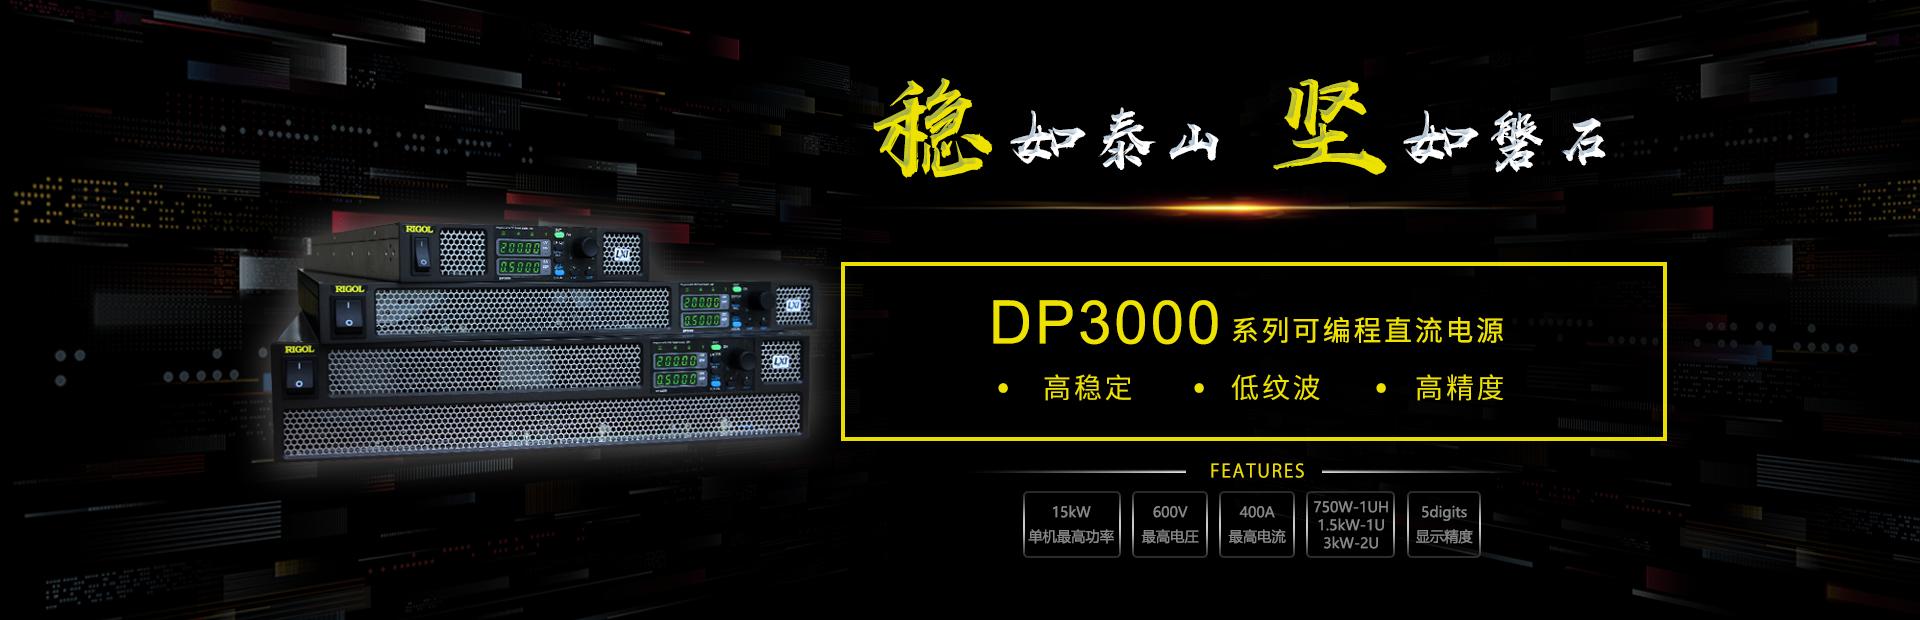 DP3000-1.jpg